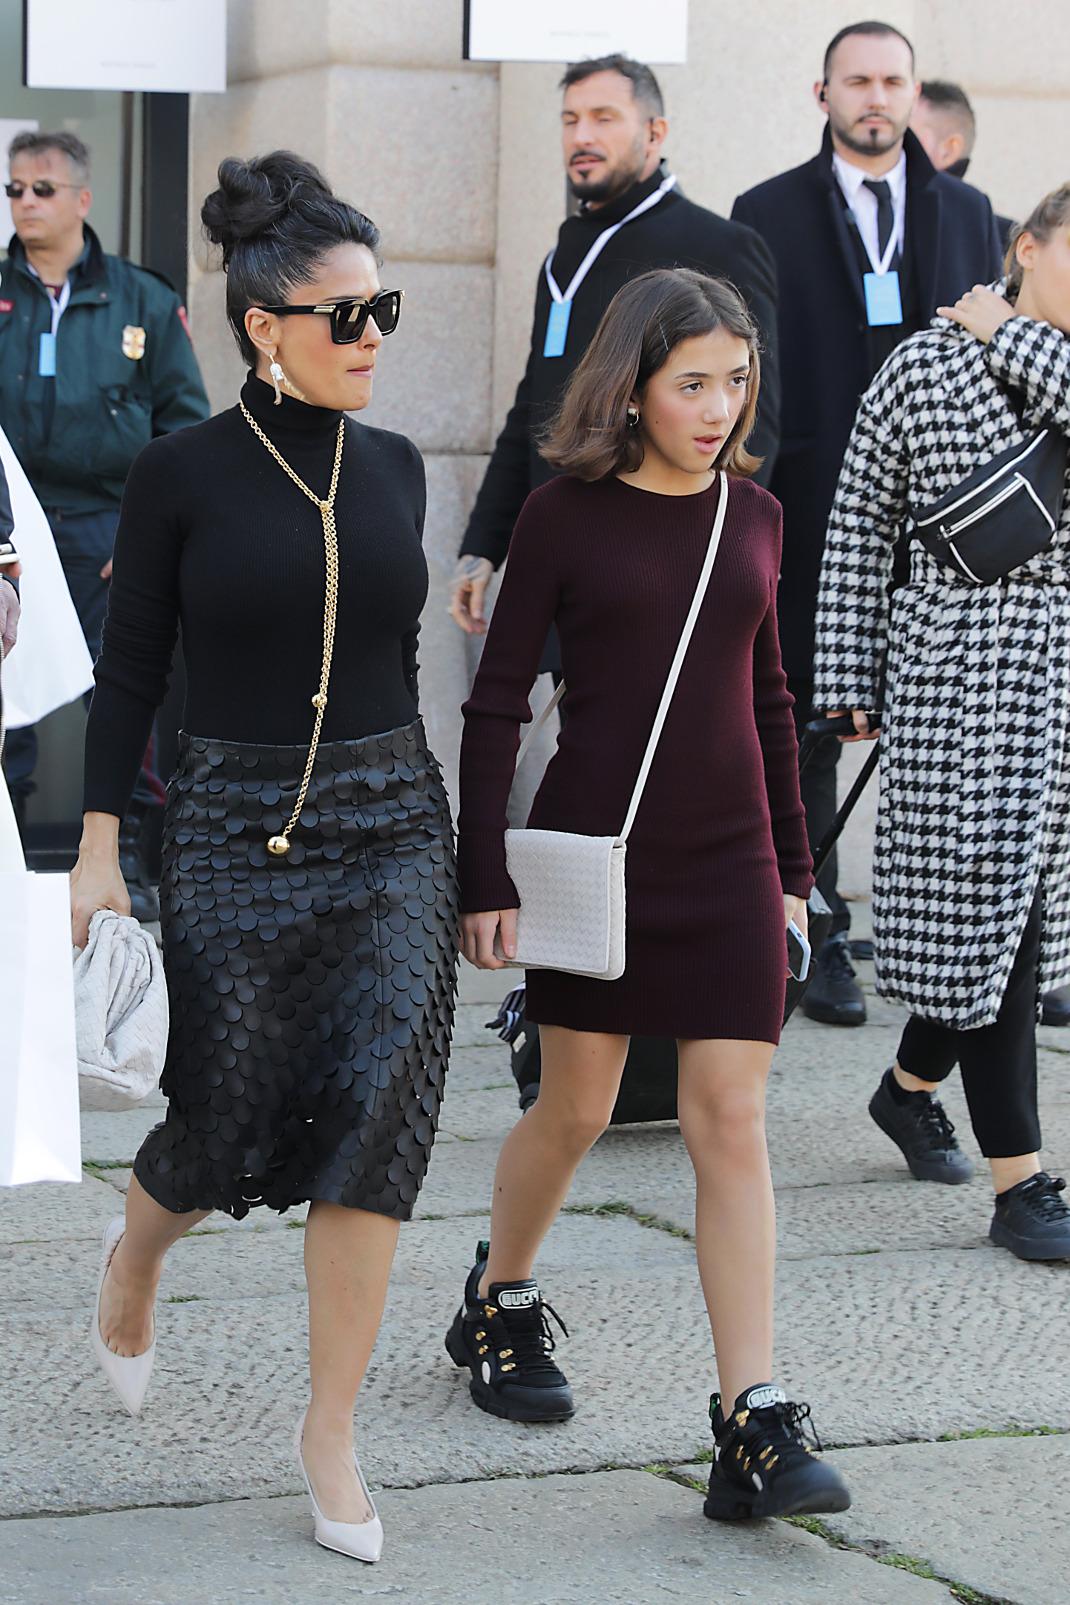 Η Σάλμα Χάγιεκ με την κόρη της στην Εβδομάδα Μόδας του Μιλάνου/ Φωτογραφία: Splash / Ideal Image